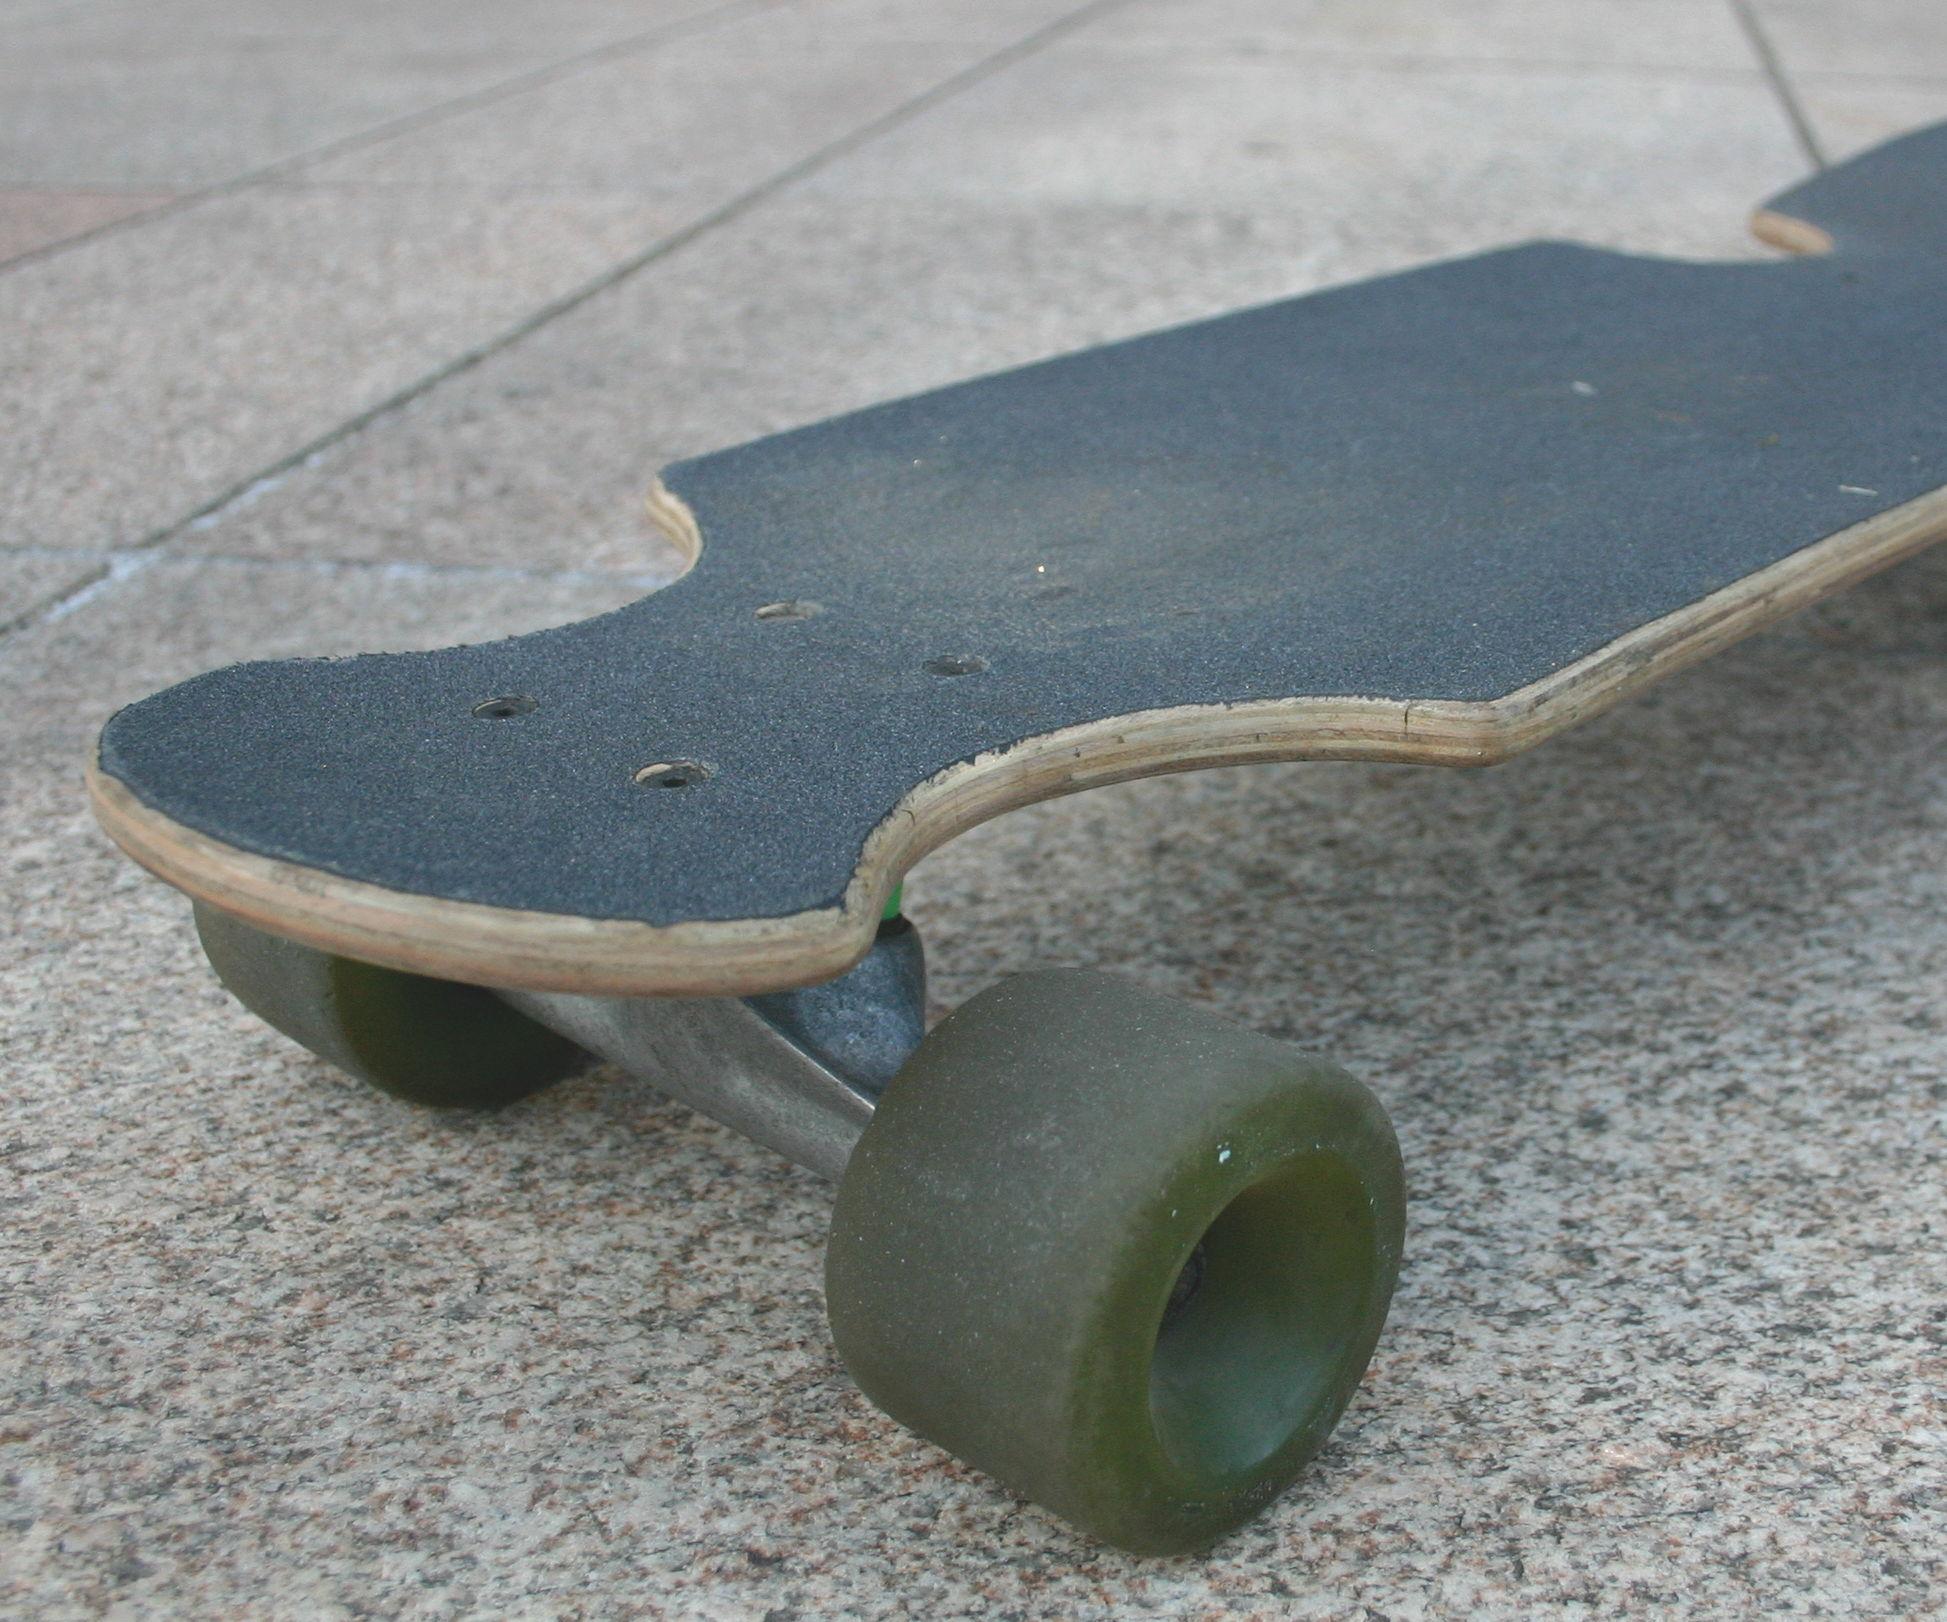 Make a Mini-cruiser board from an old Skateboard